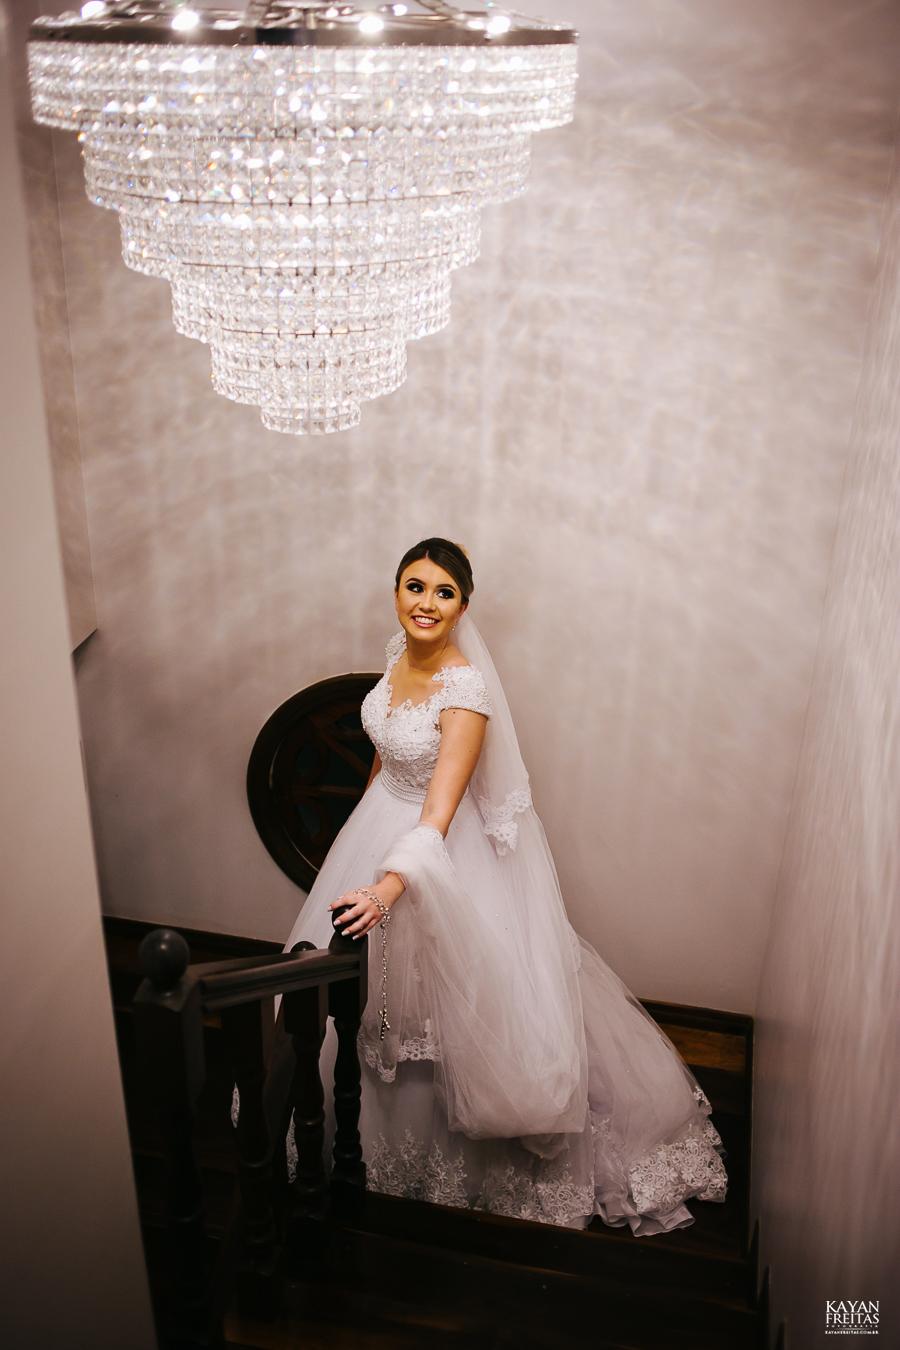 casamento-marcela-junior-0019 Casamento Marcela e Junior - Espaço Contemporâneo